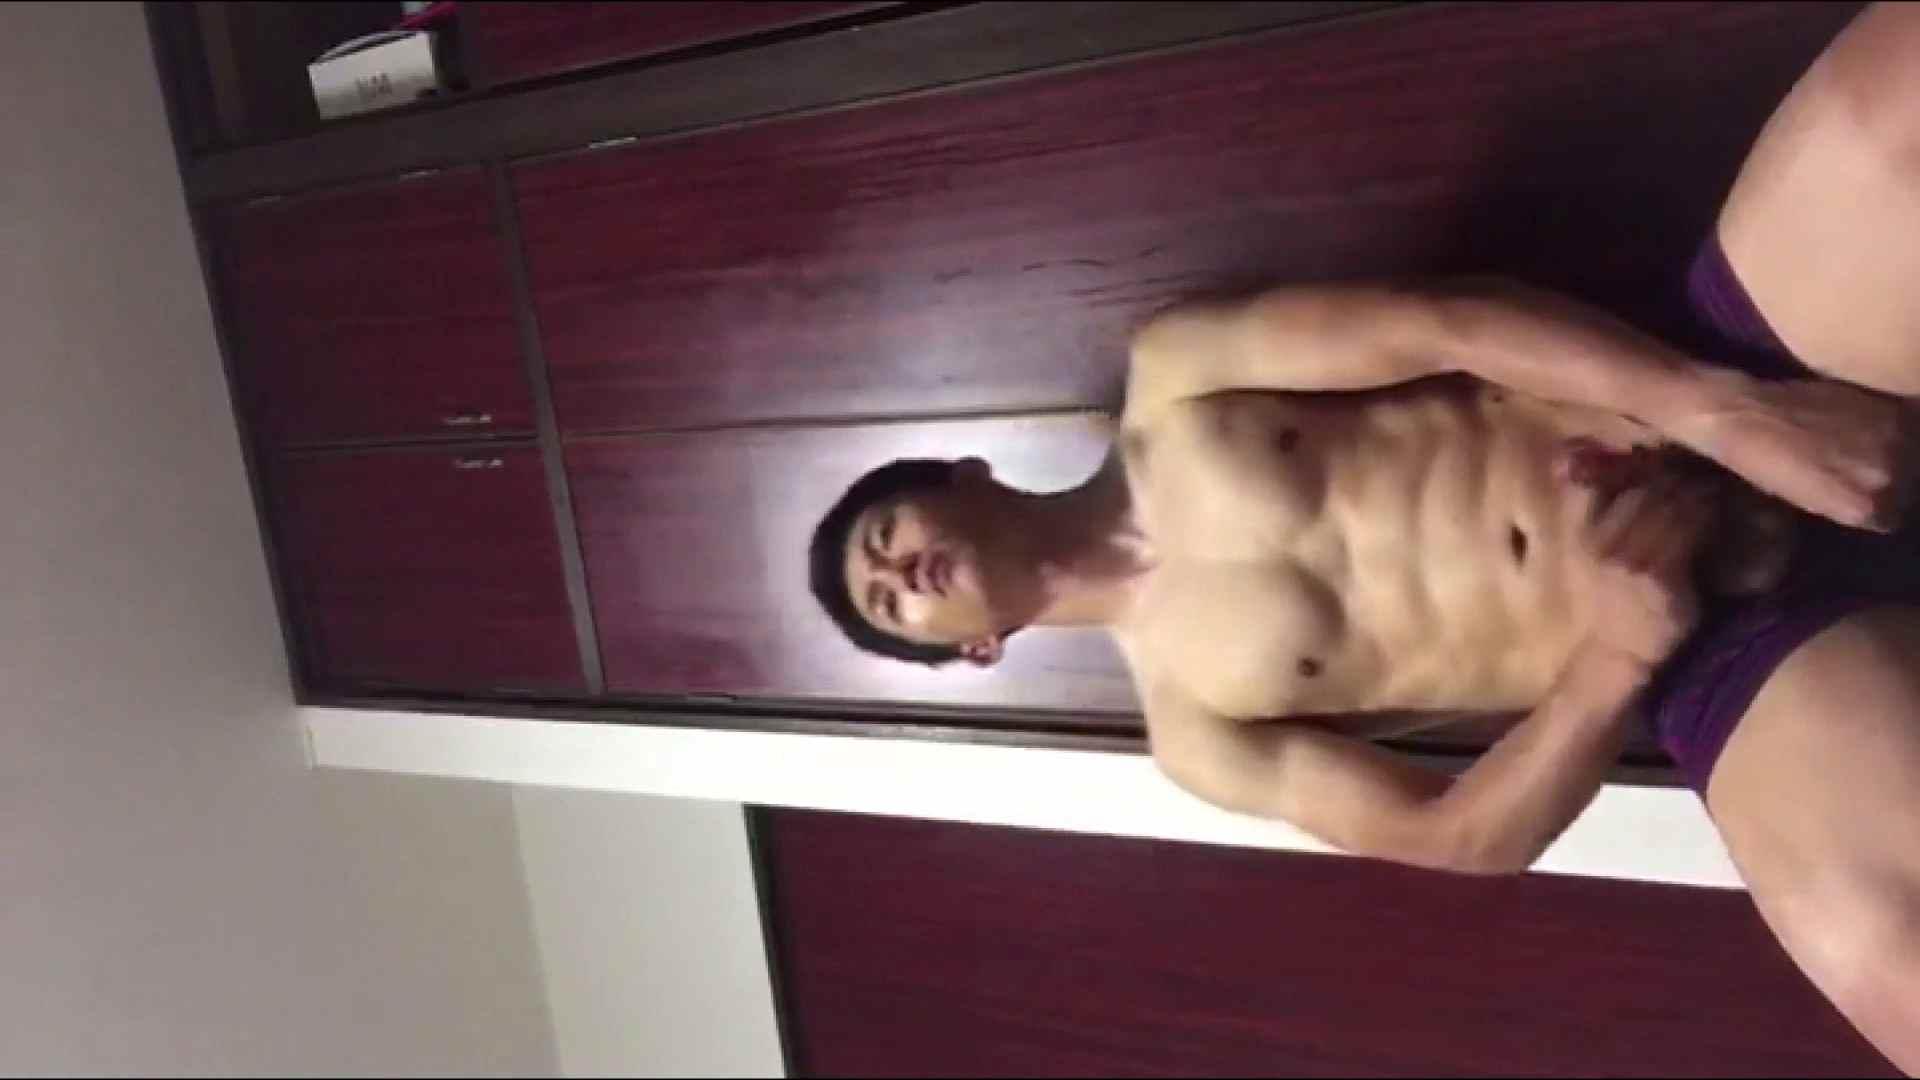 個人撮影 自慰の極意 Vol.23 大学生 ゲイアダルトビデオ画像 75枚 40